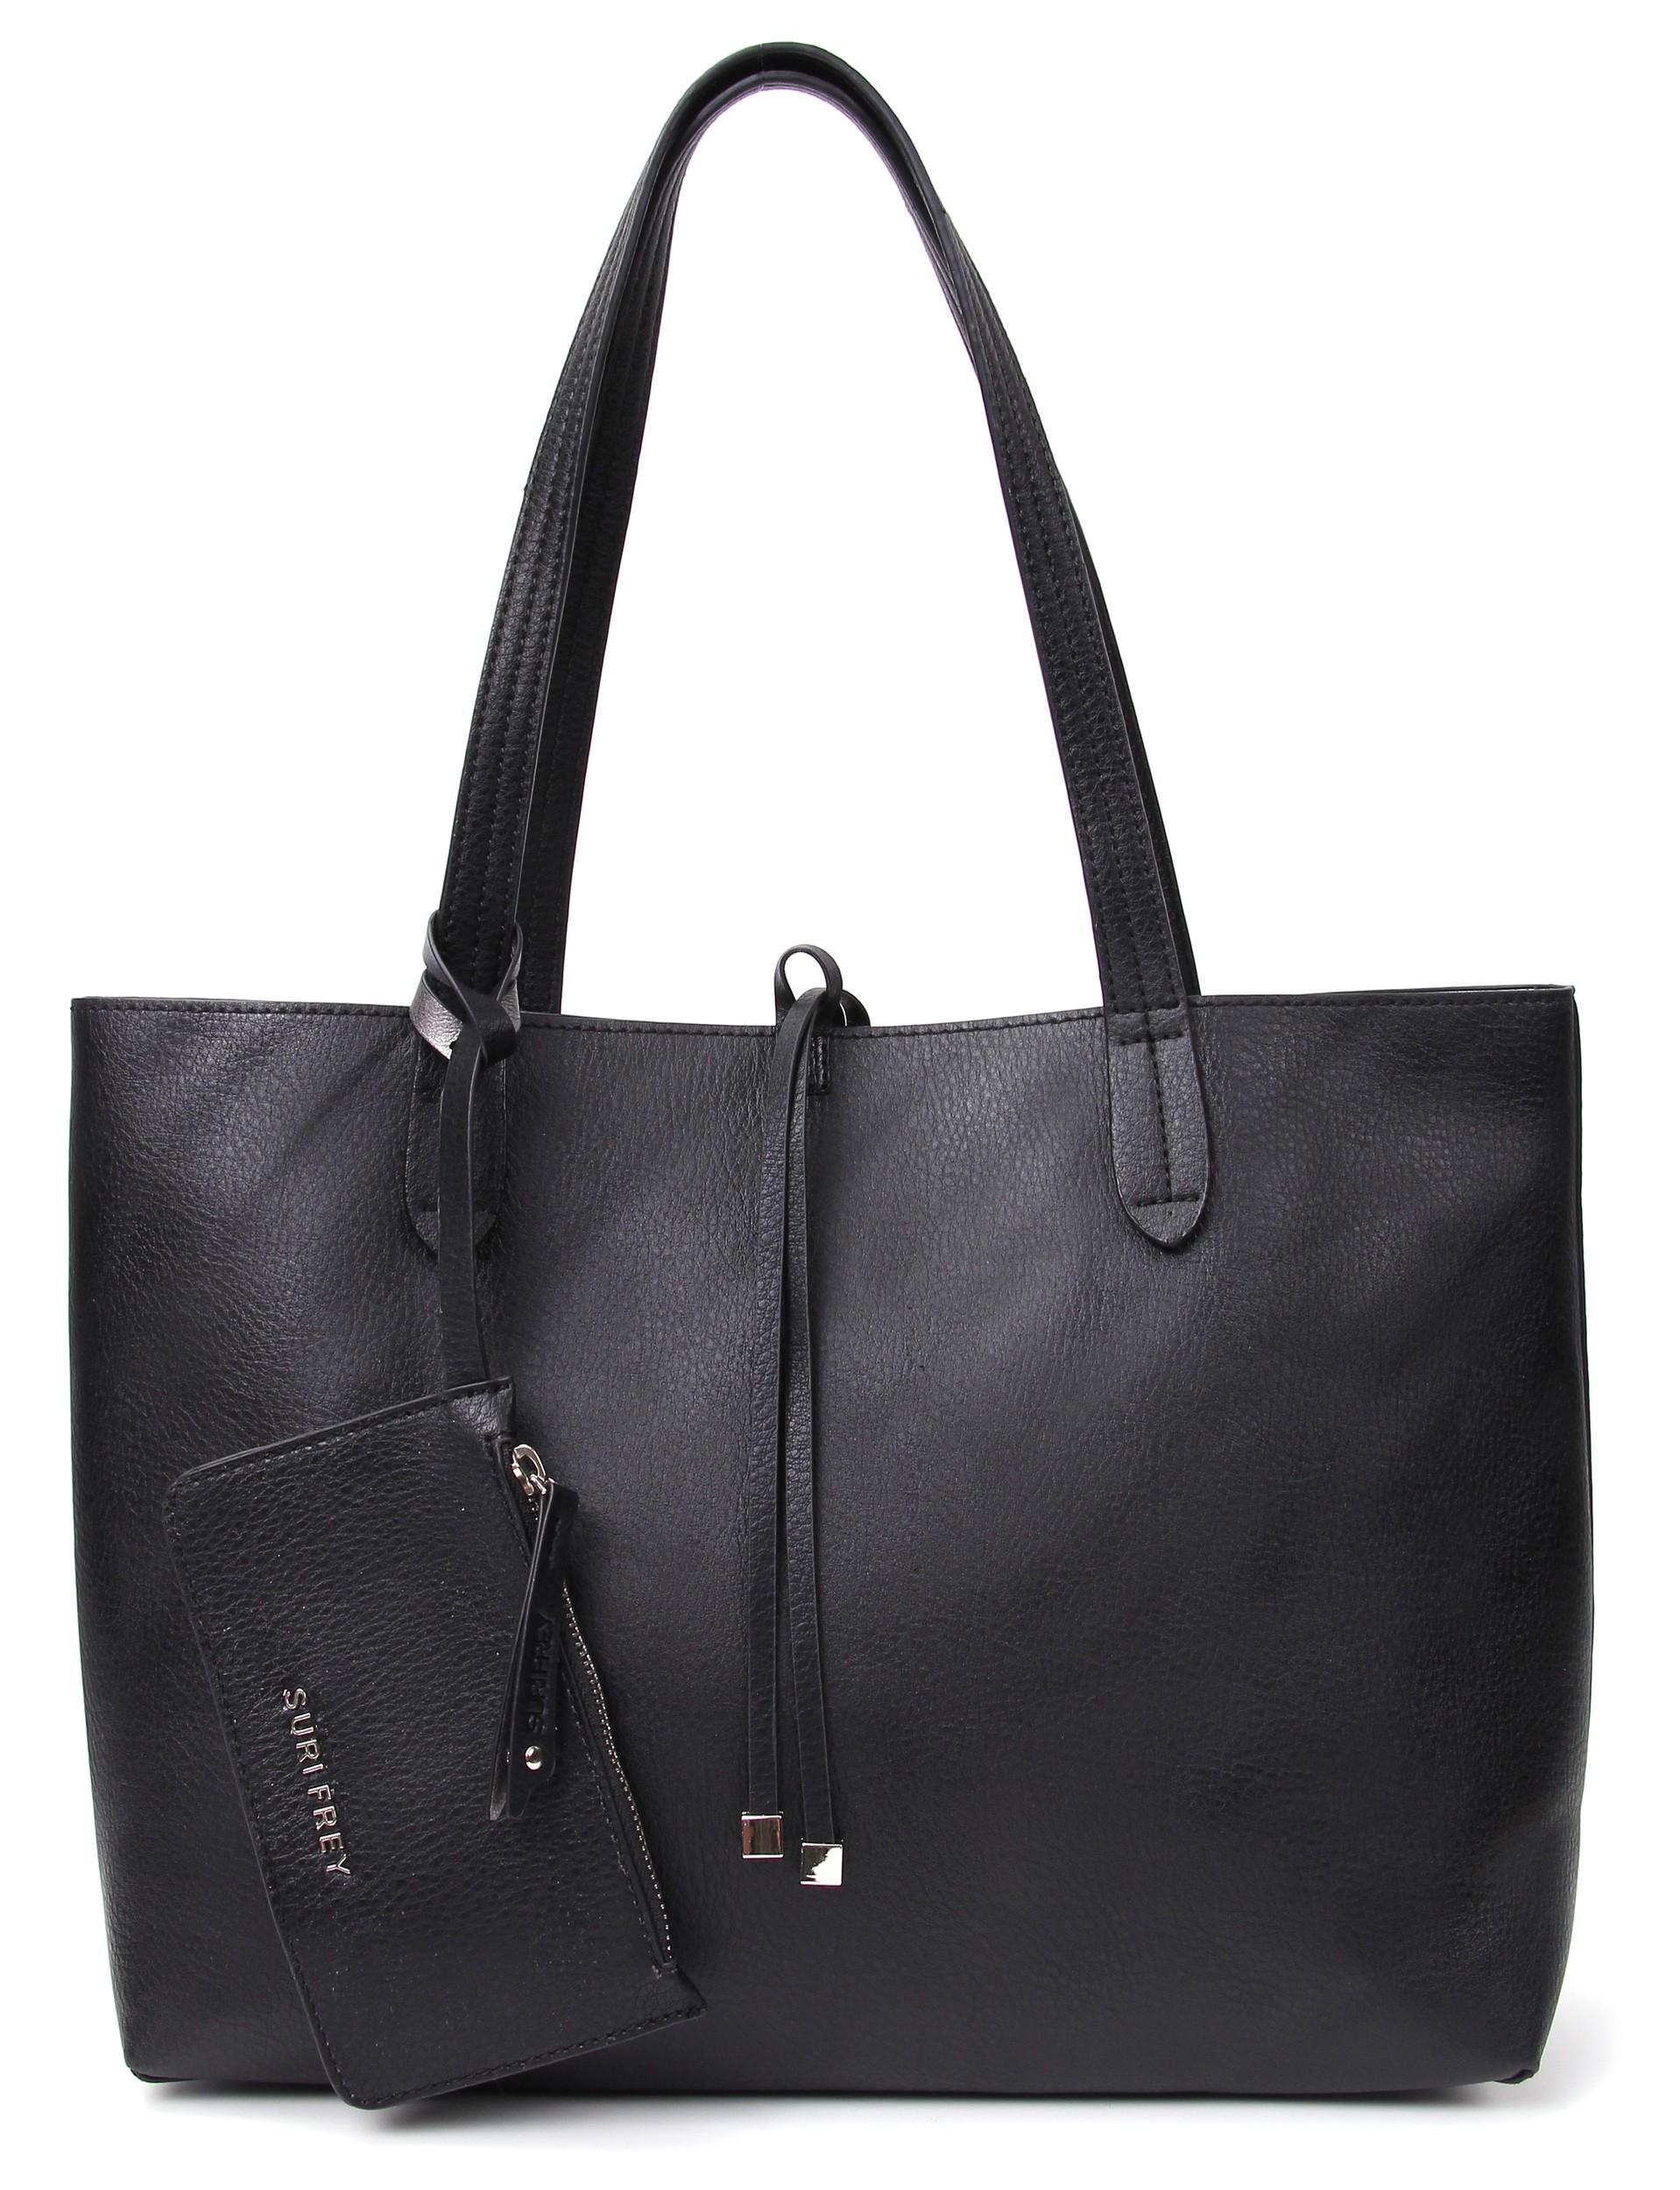 Trendy dámská kabelka Suri Frey Georgia - černá 1cce72f75a